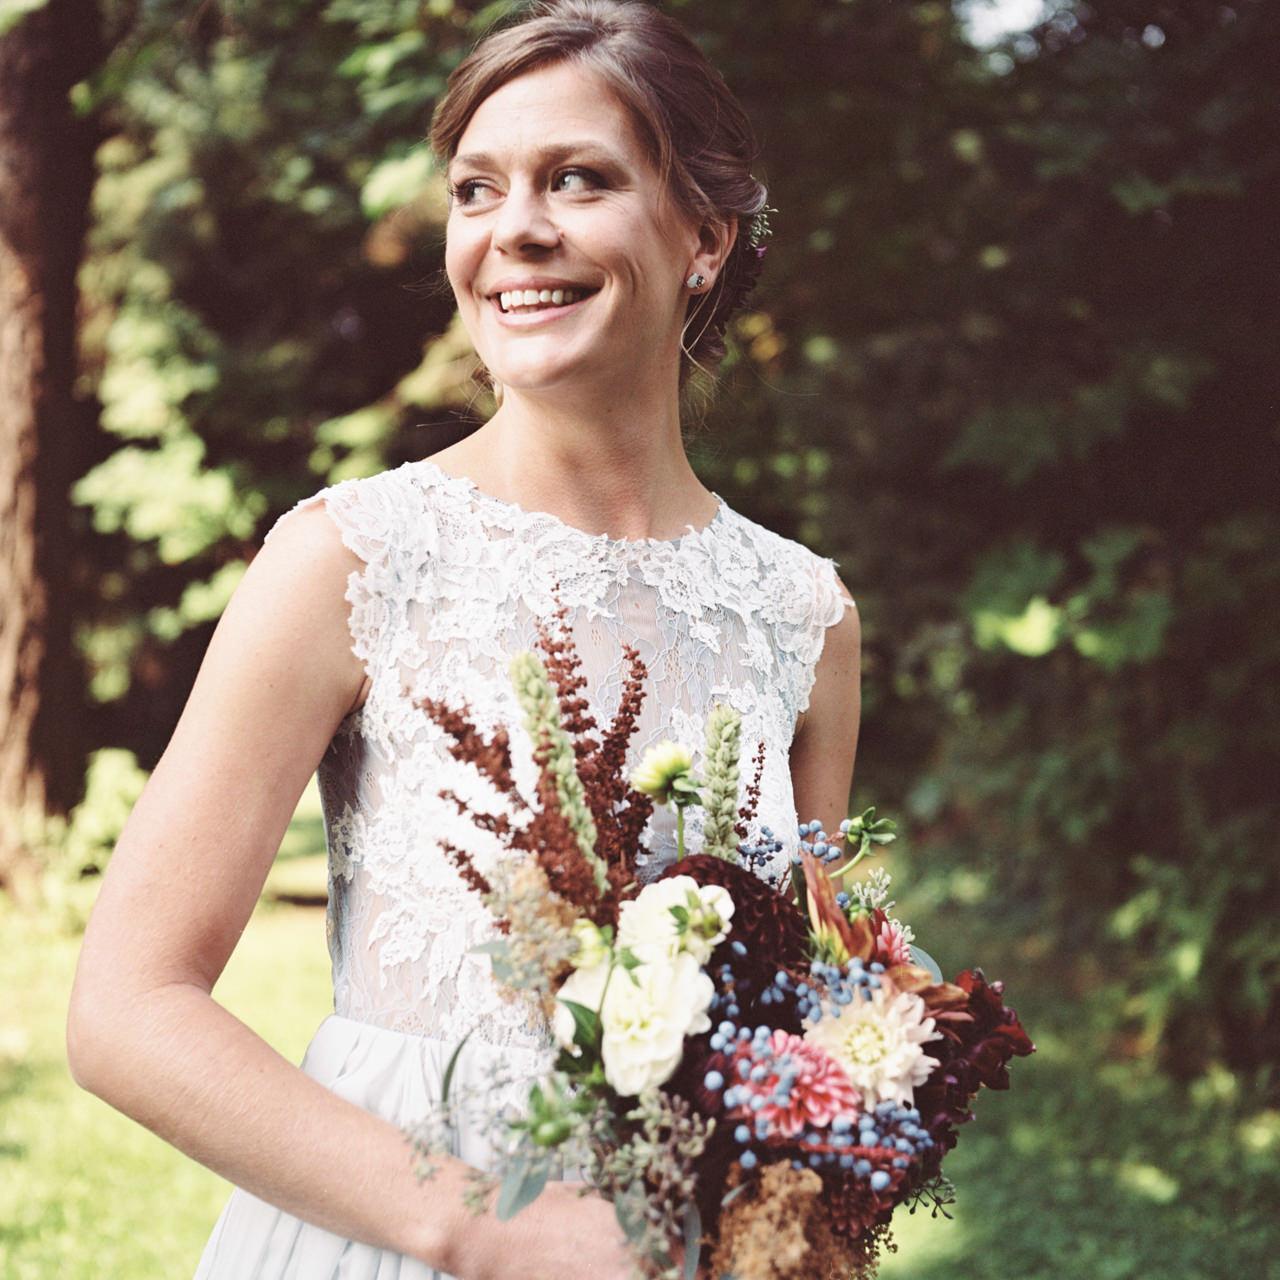 mt-hood-organic-farms-film-wedding-08.jpg